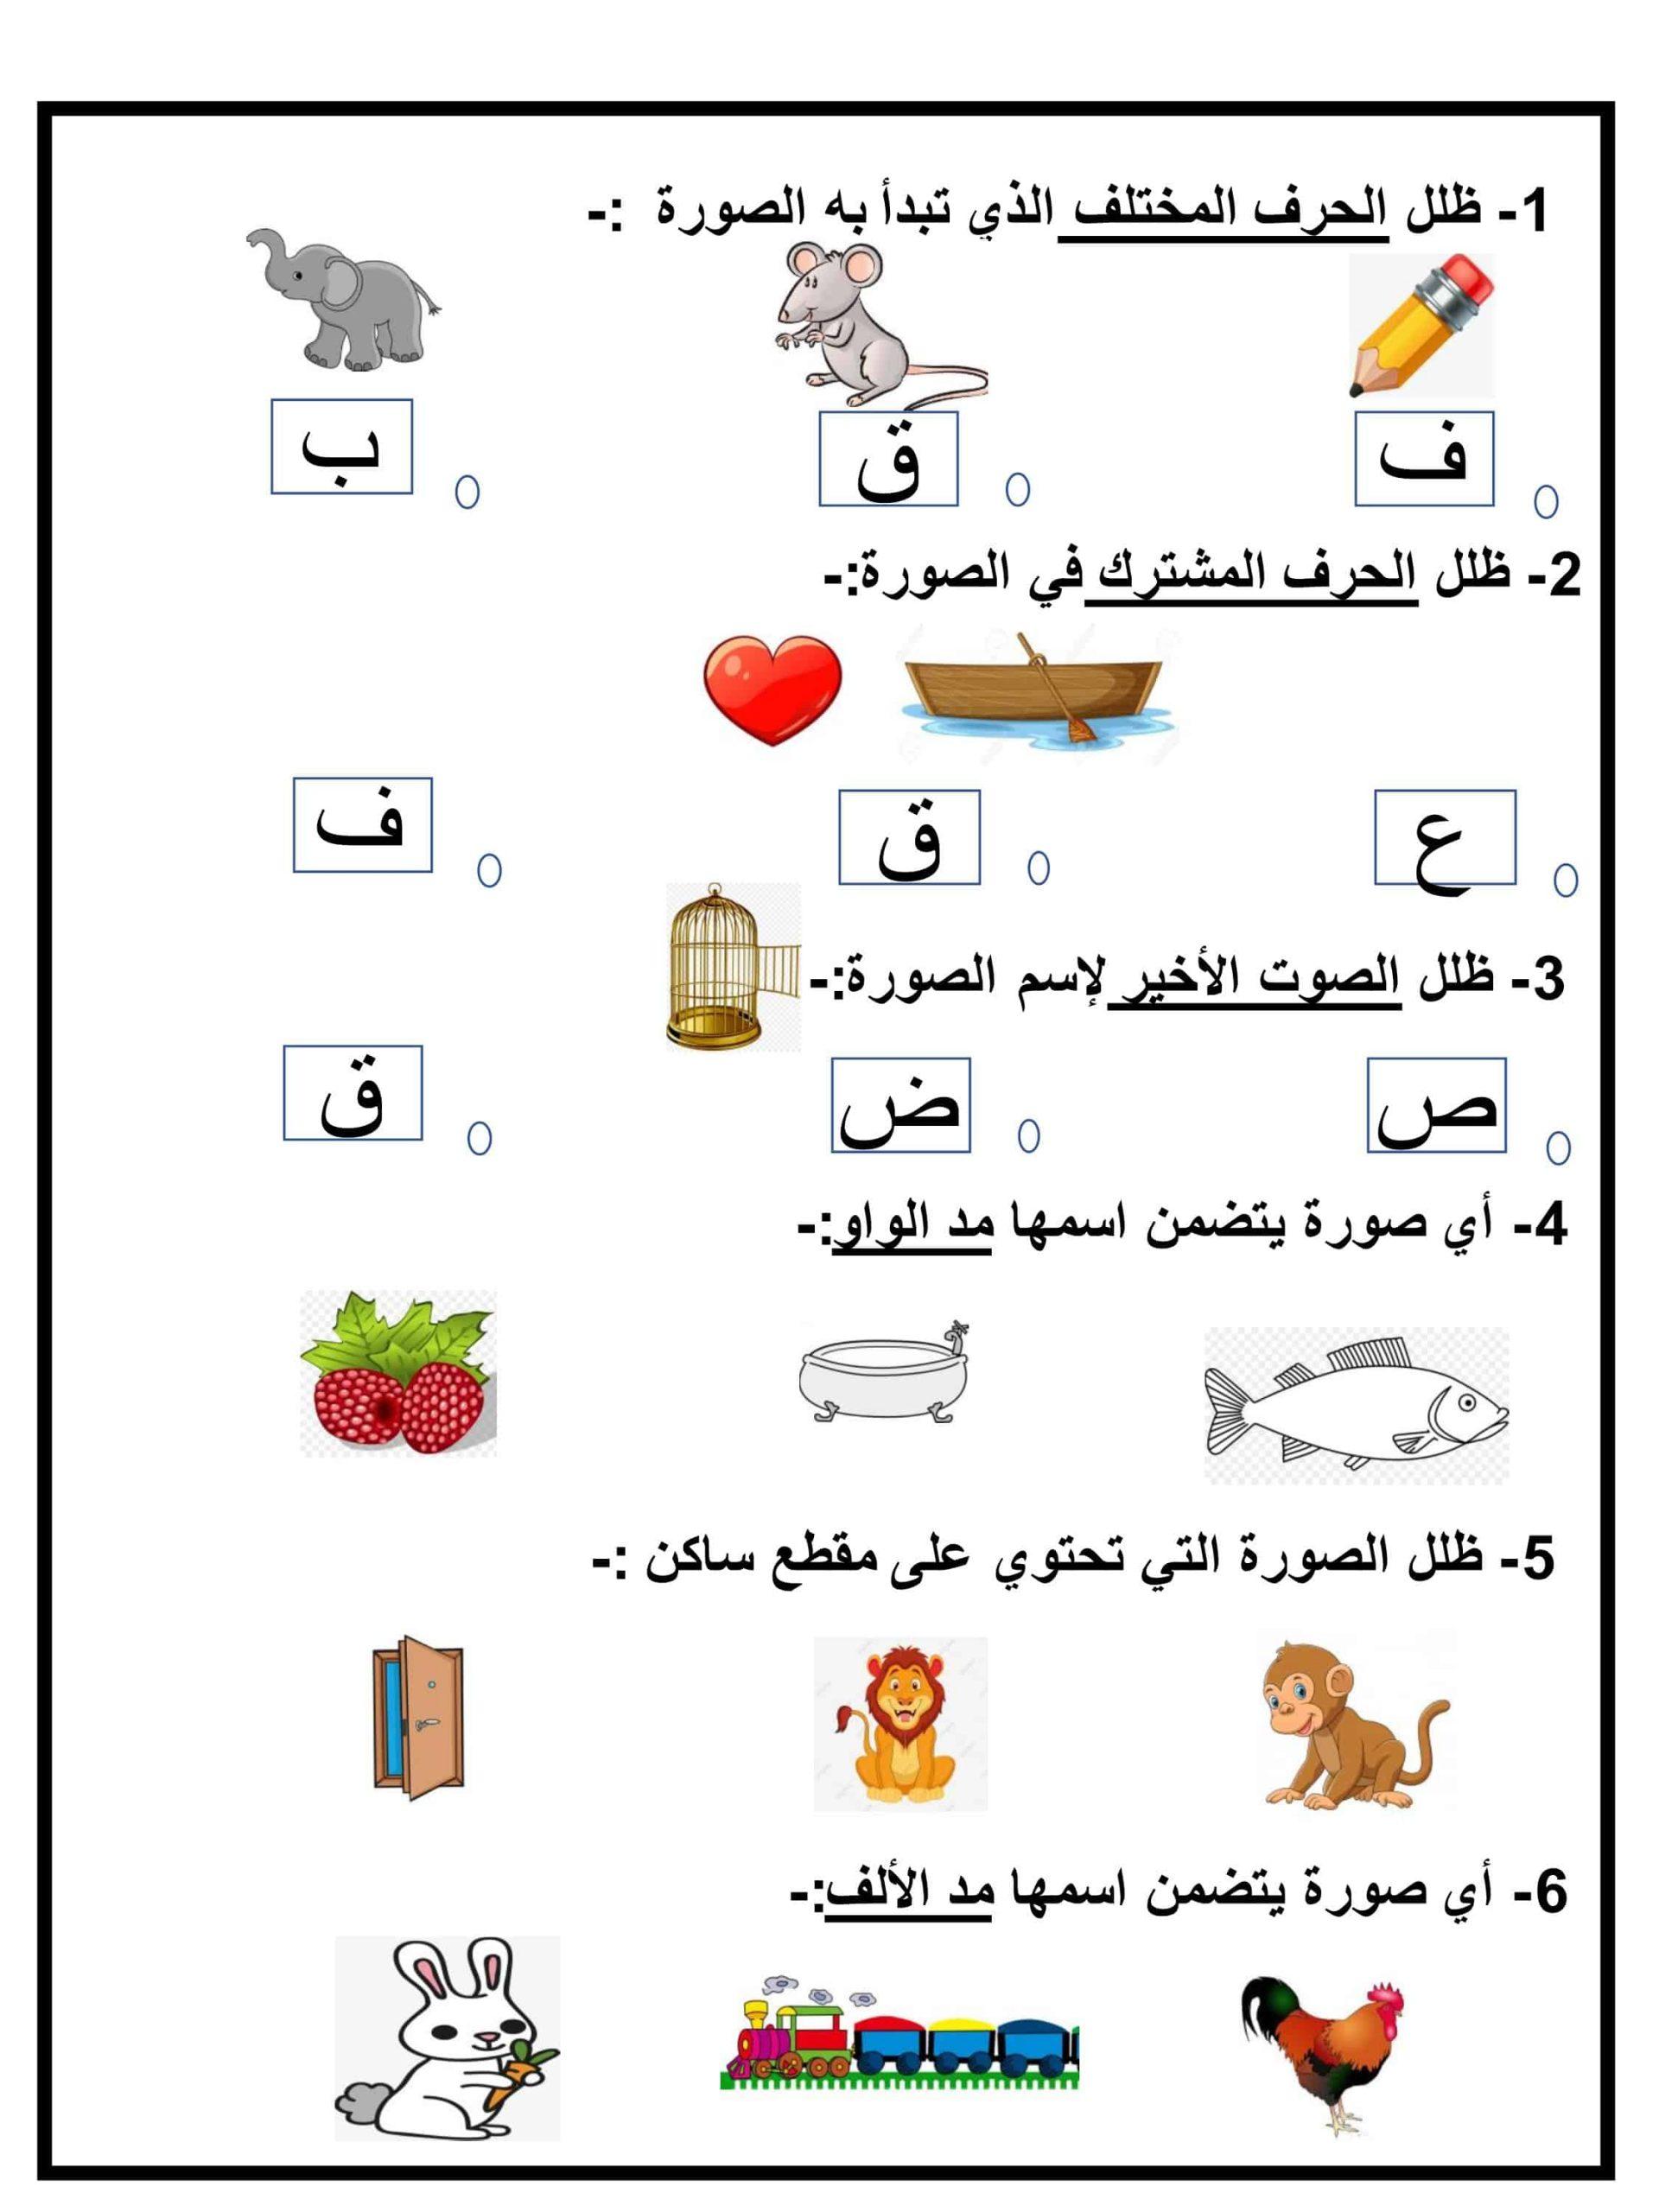 ورقة عمل و تدريبات حرف القاف للصف الاول مادة اللغة العربية